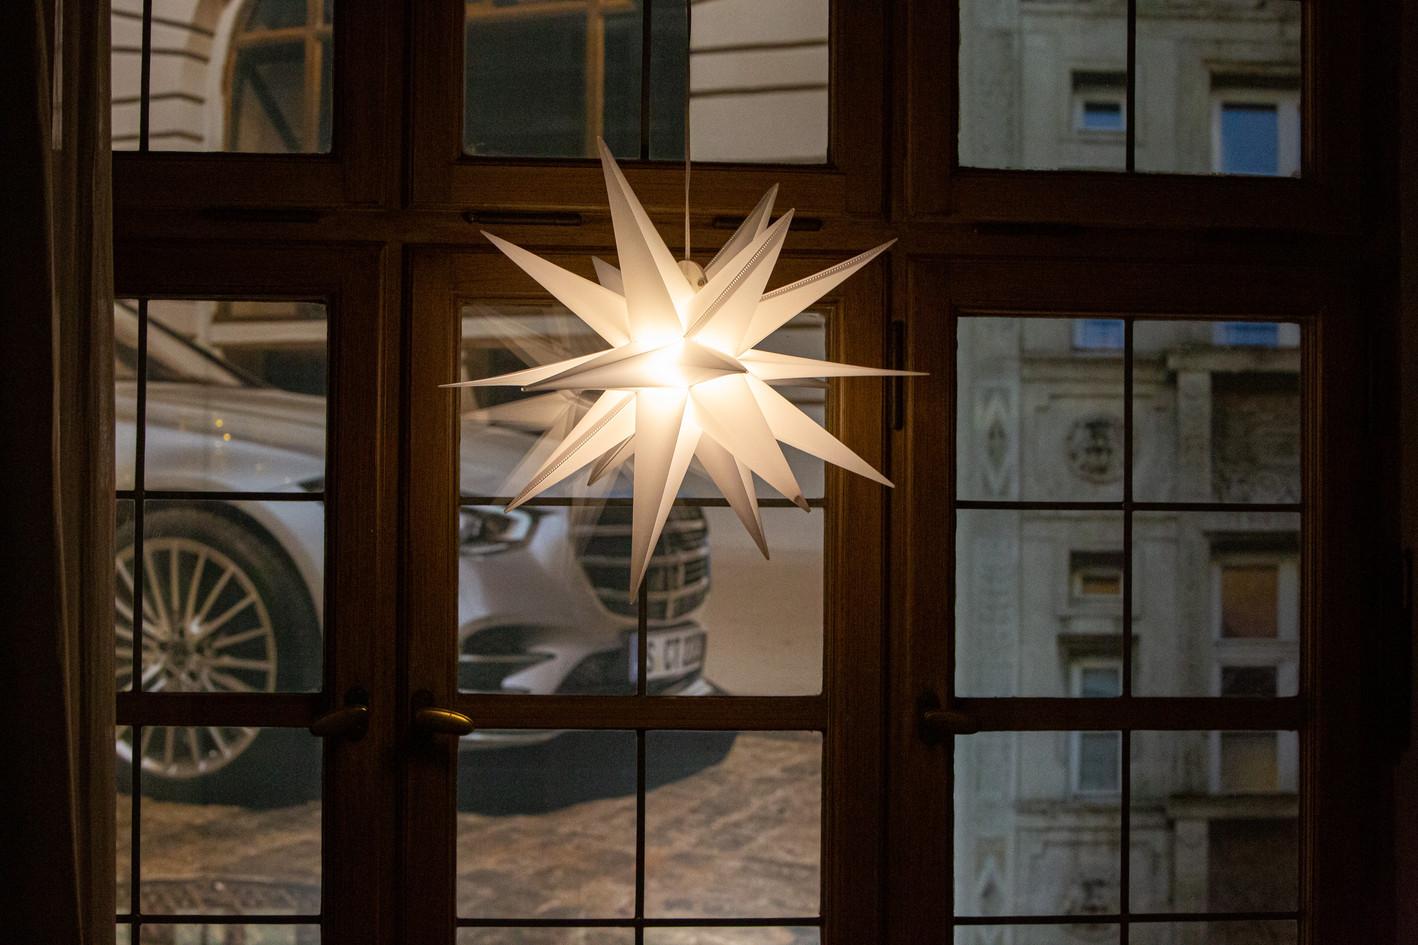 München - Bürofenster des Bischofsvikars der Region Süd im Asamhaus ( @ Fotoagentur Kiderle)